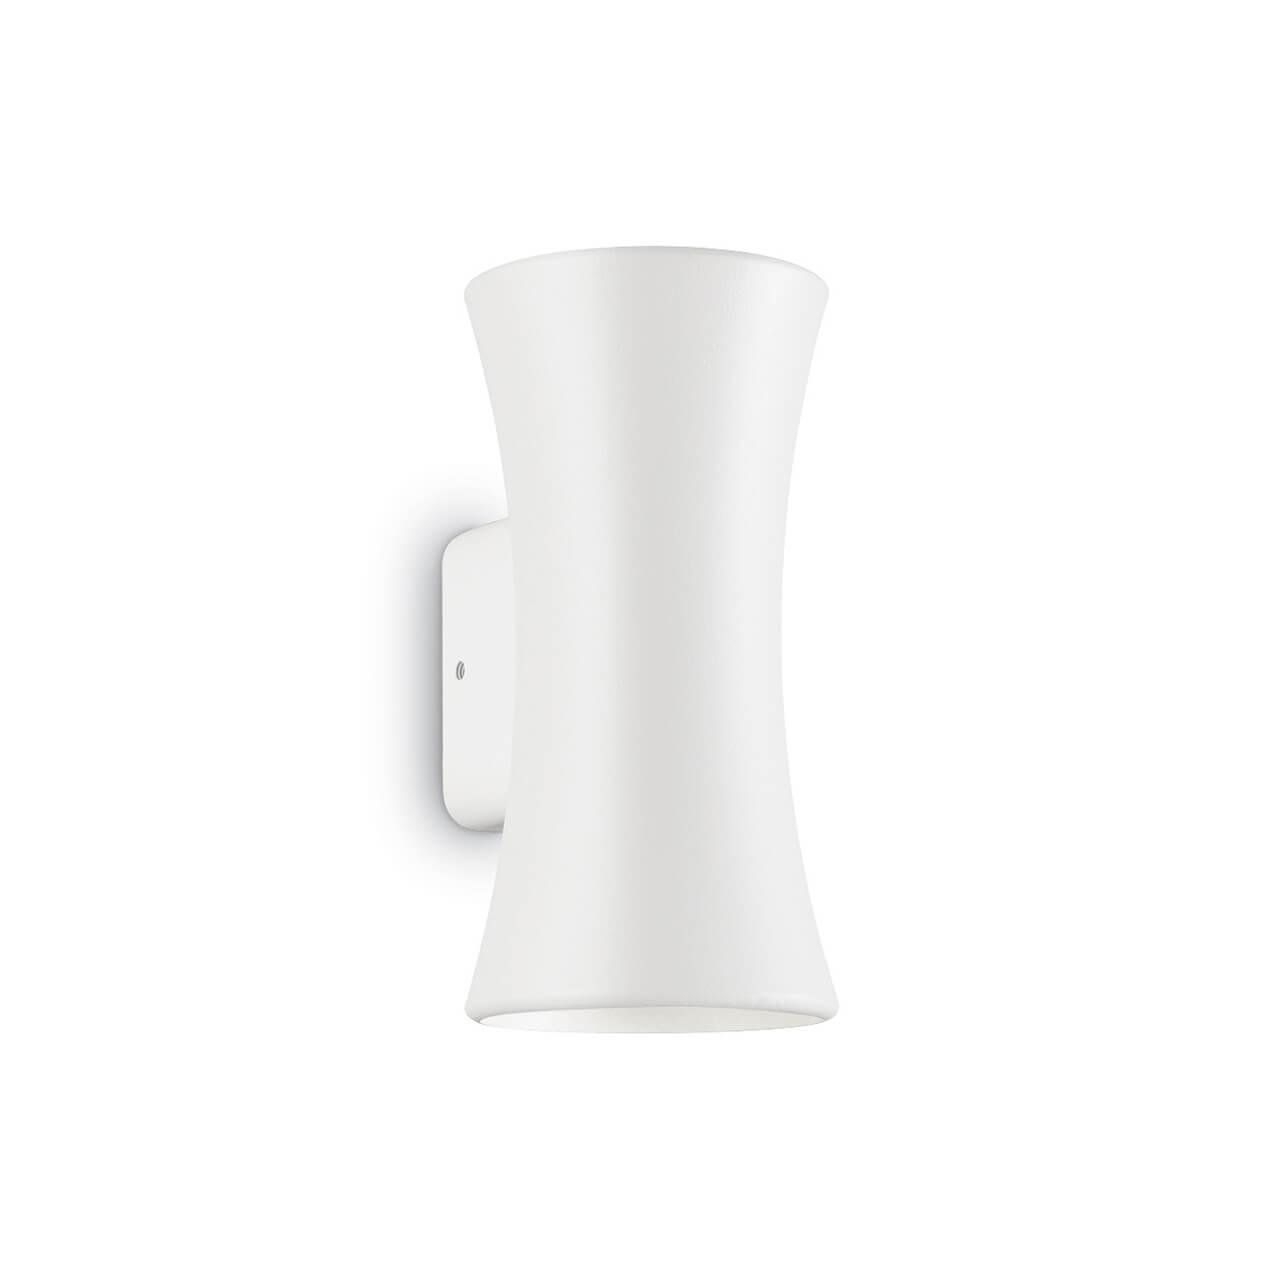 Уличный настенный светодиодный светильник Ideal Lux Lab  Bianco